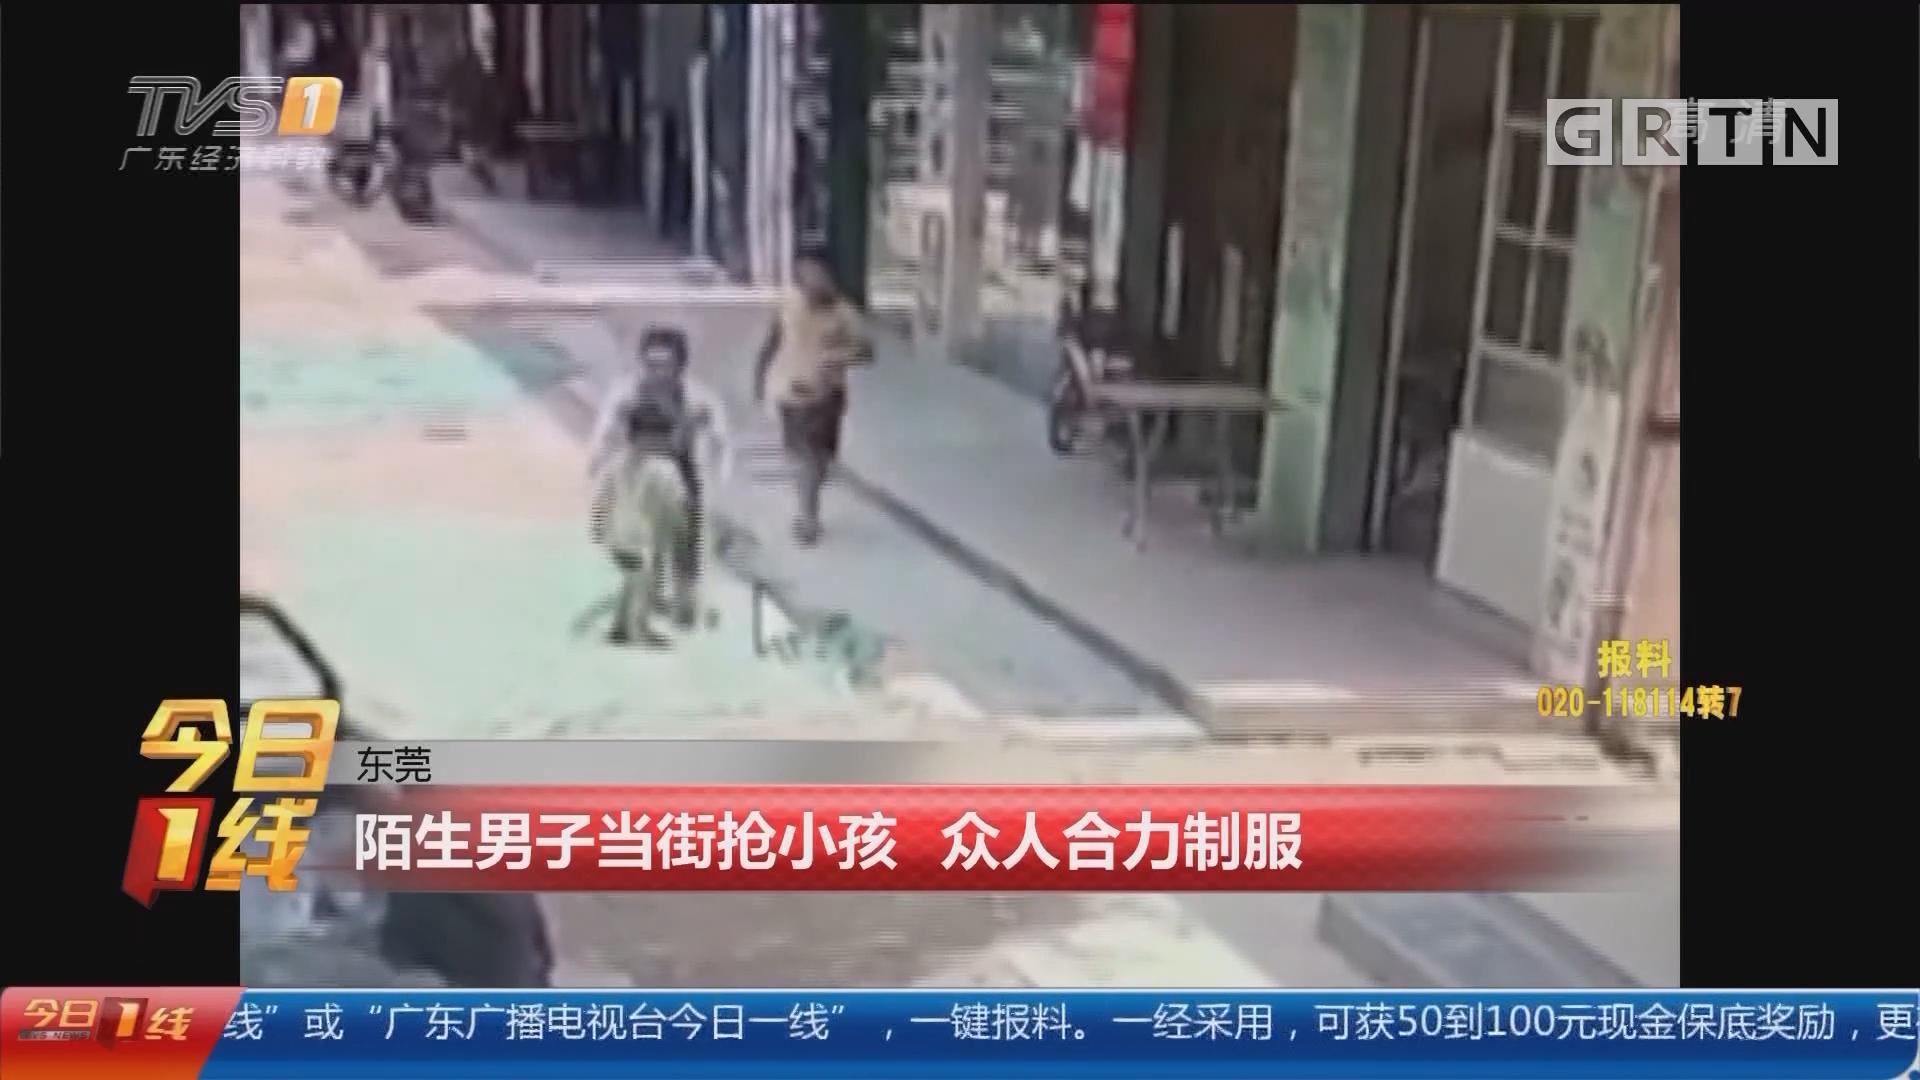 东莞:陌生男子当街抢小孩 众人合力制服